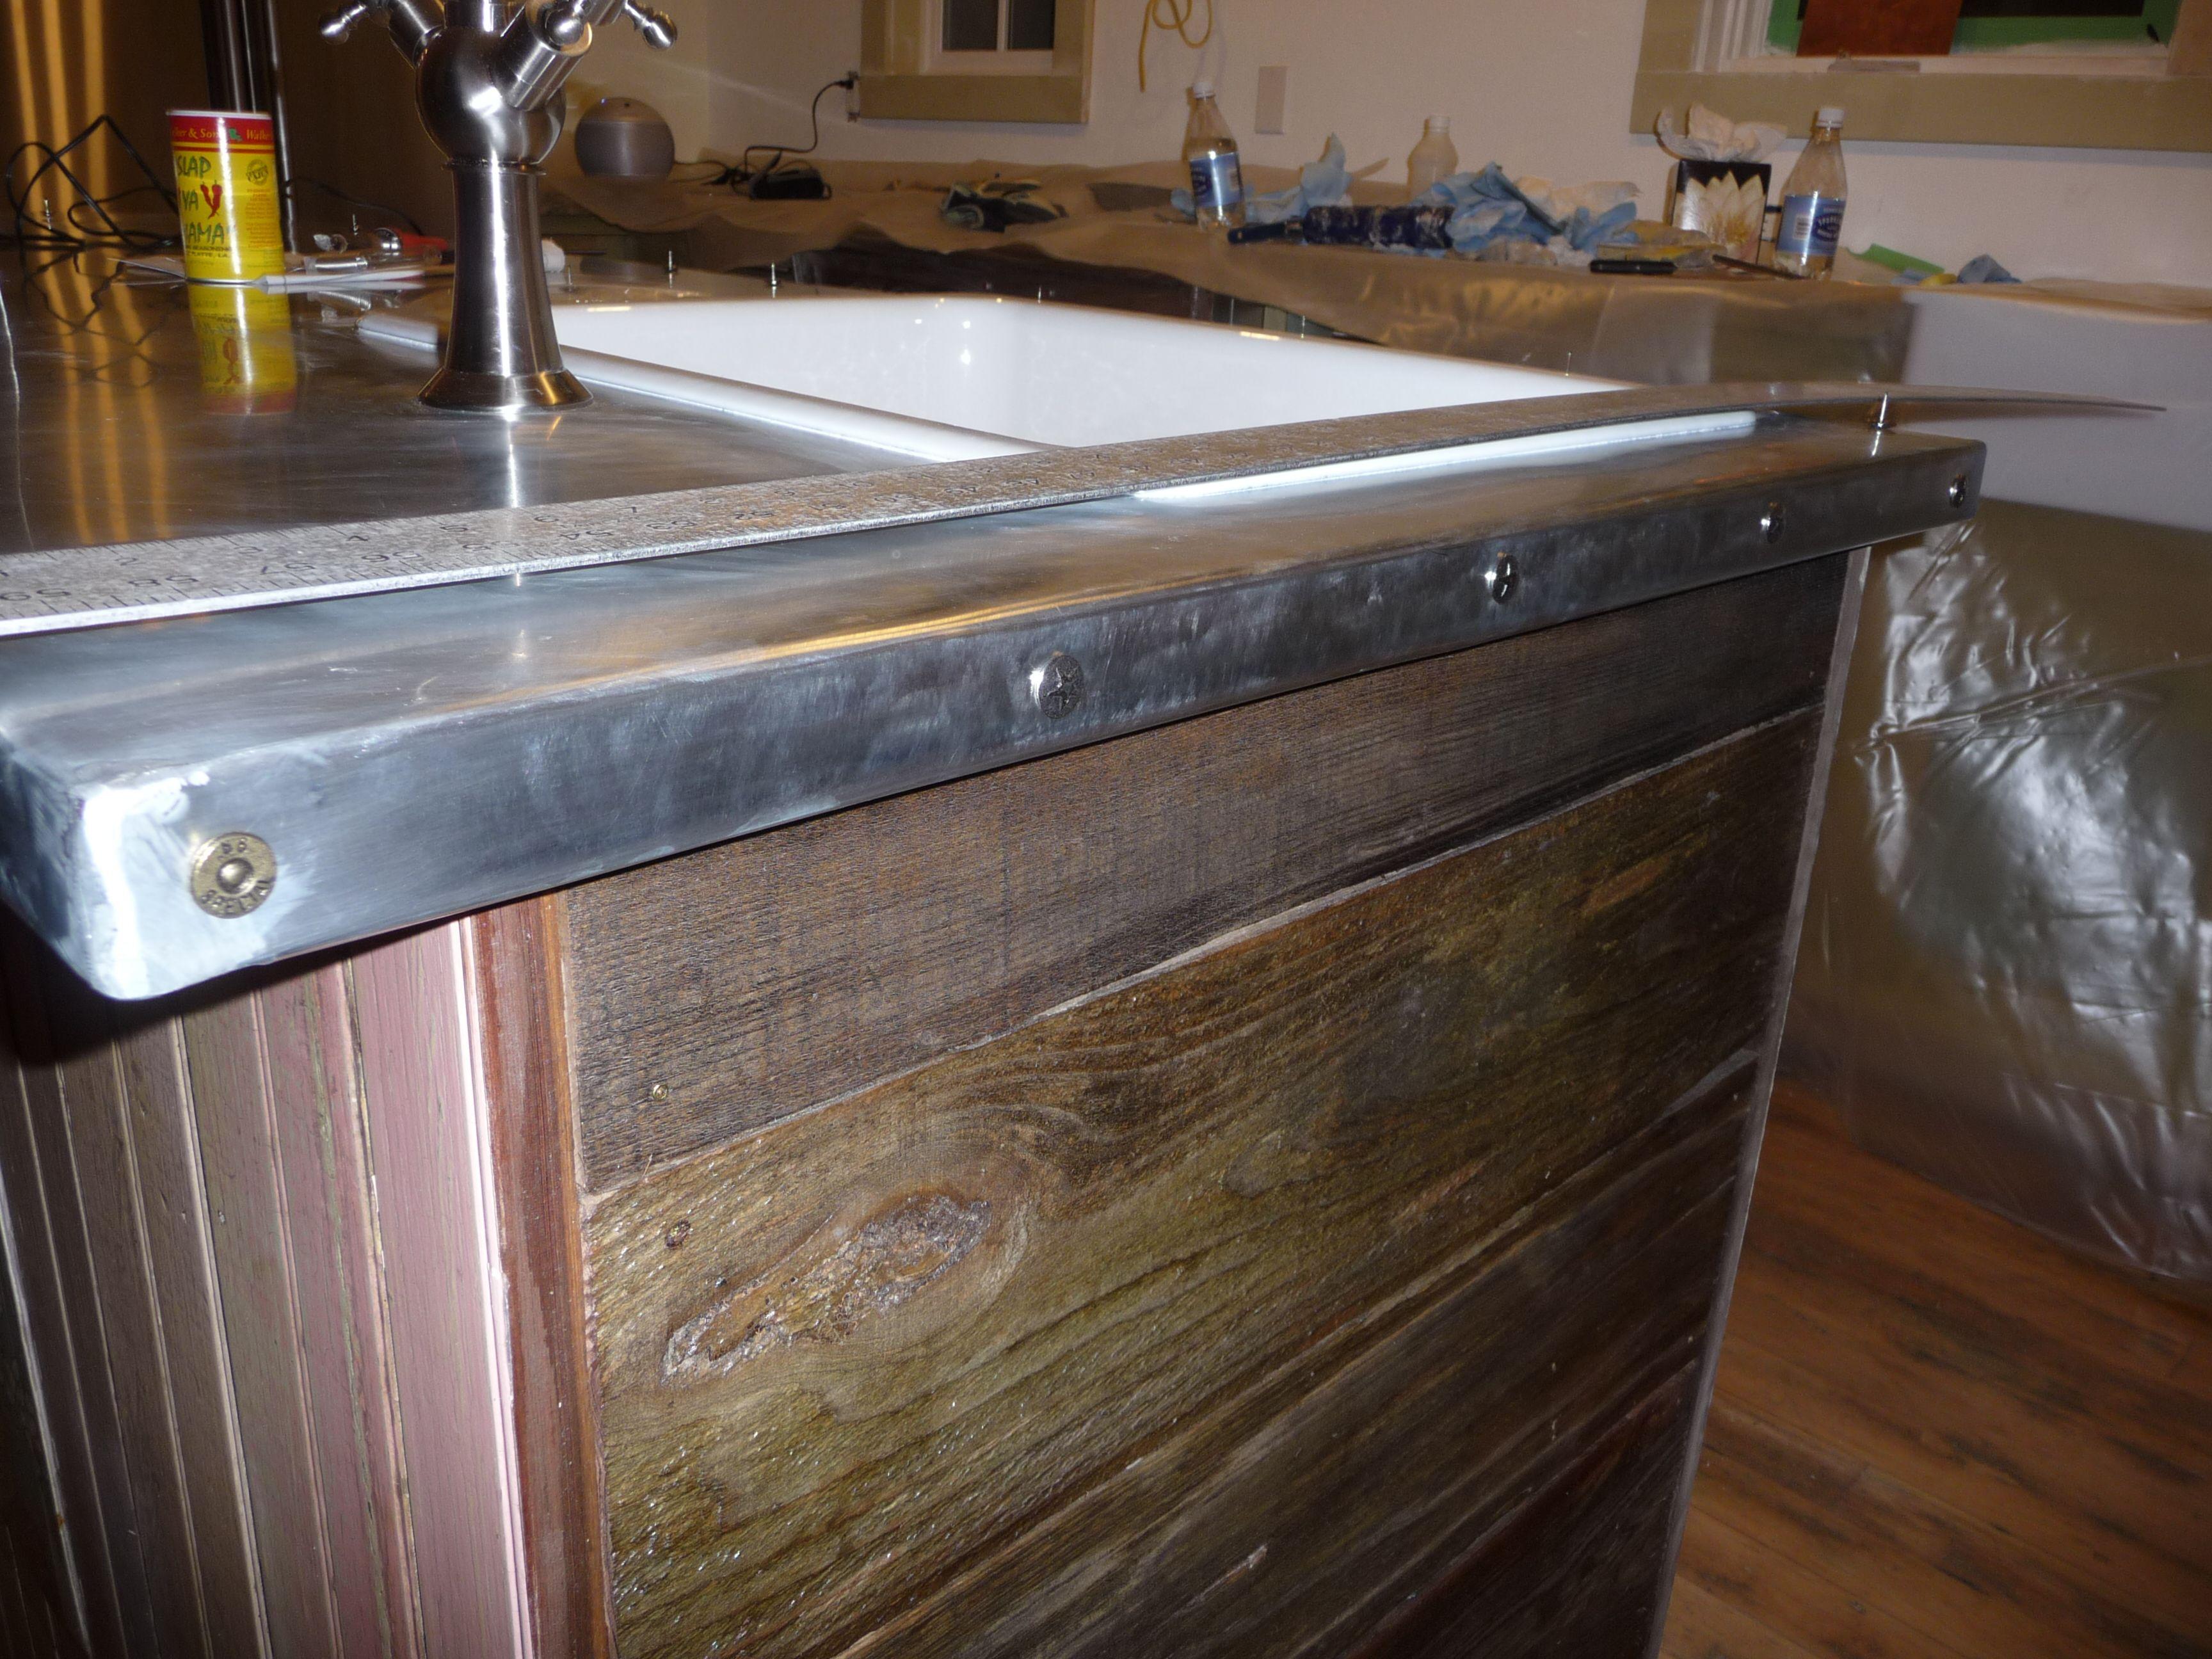 How To Make A Zinc Island Counter Part 3 Zinc Countertops Island Countertops Outdoor Kitchen Countertops